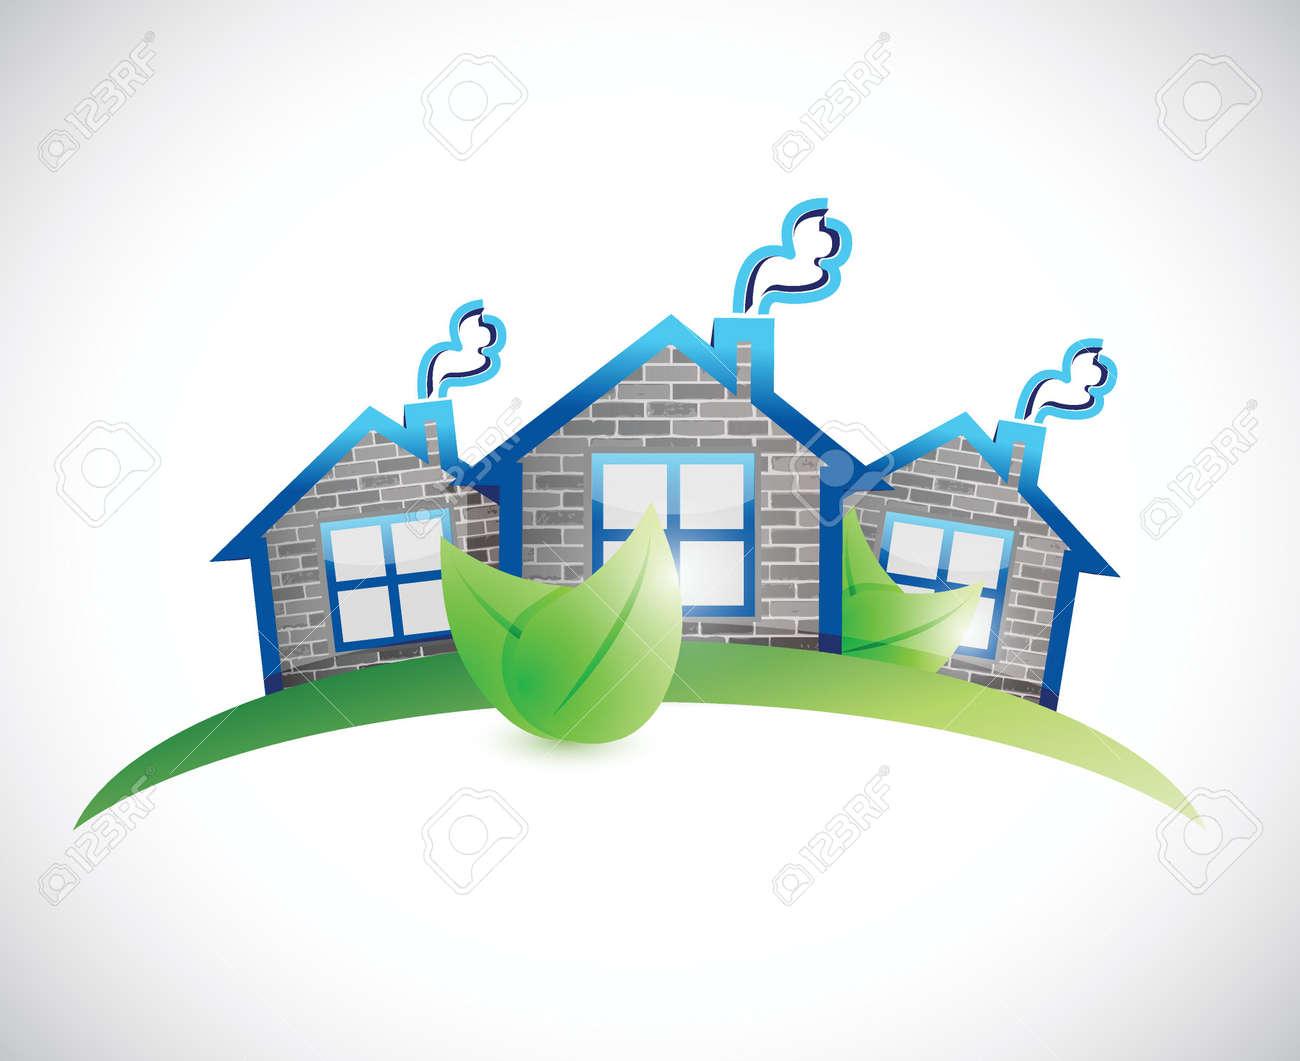 Hogares Verdes Simbolo De Bienes Raices Ilustracion De Diseno Sobre Un Fondo Blanco Ilustraciones Vectoriales Clip Art Vectorizado Libre De Derechos Image 24928636